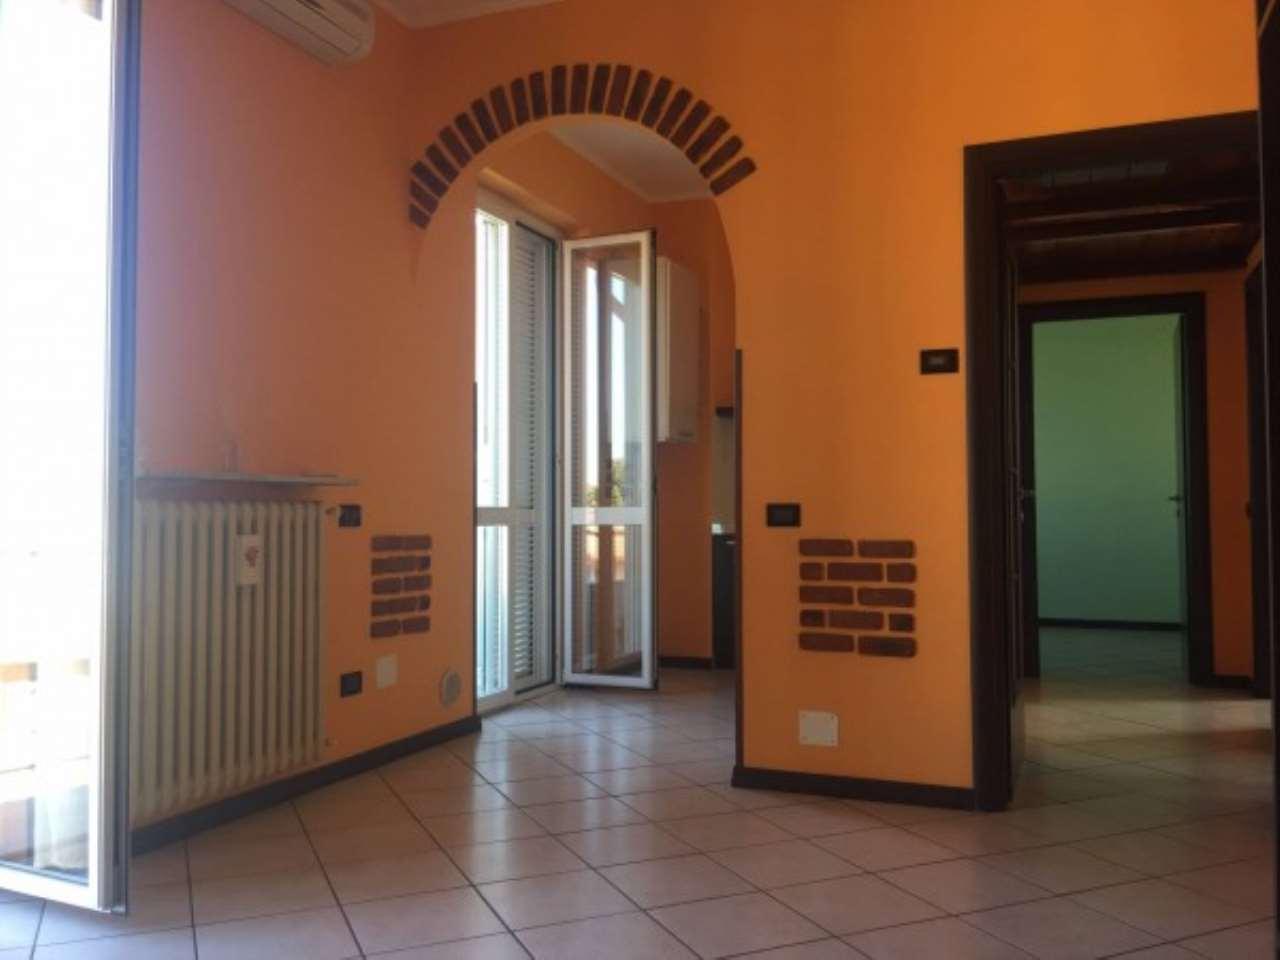 Appartamento in vendita a Cava Manara, 3 locali, prezzo € 108.000 | Cambio Casa.it